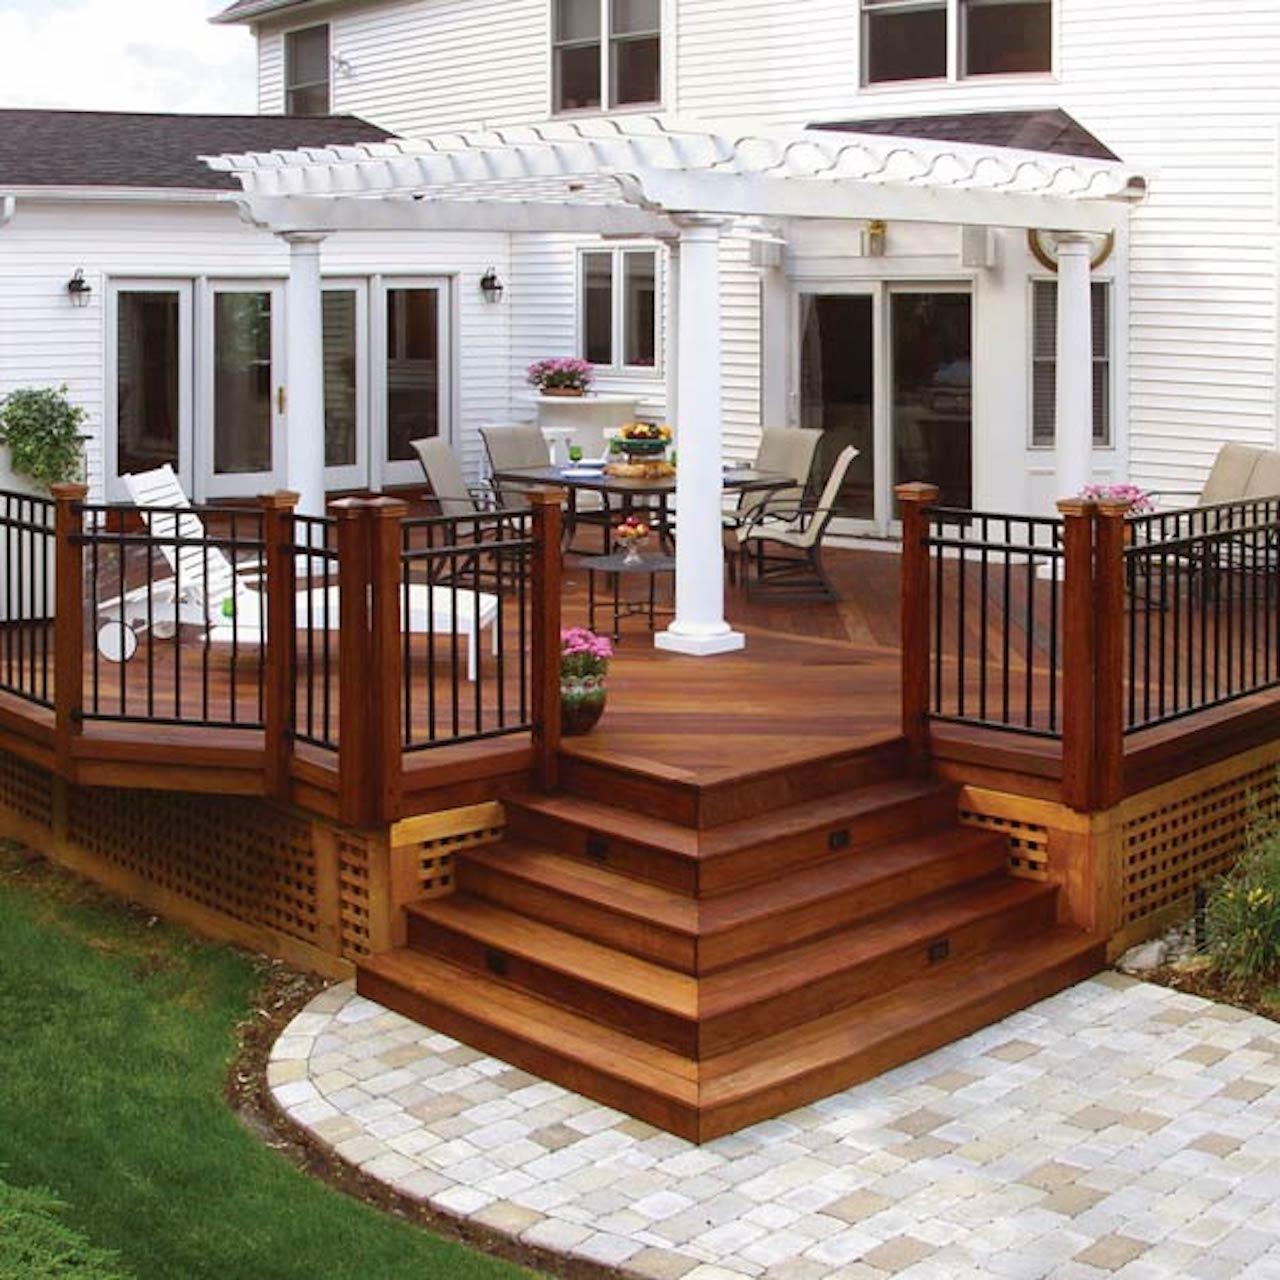 DecoMax Fences and Decks - Decks Gallery - 002